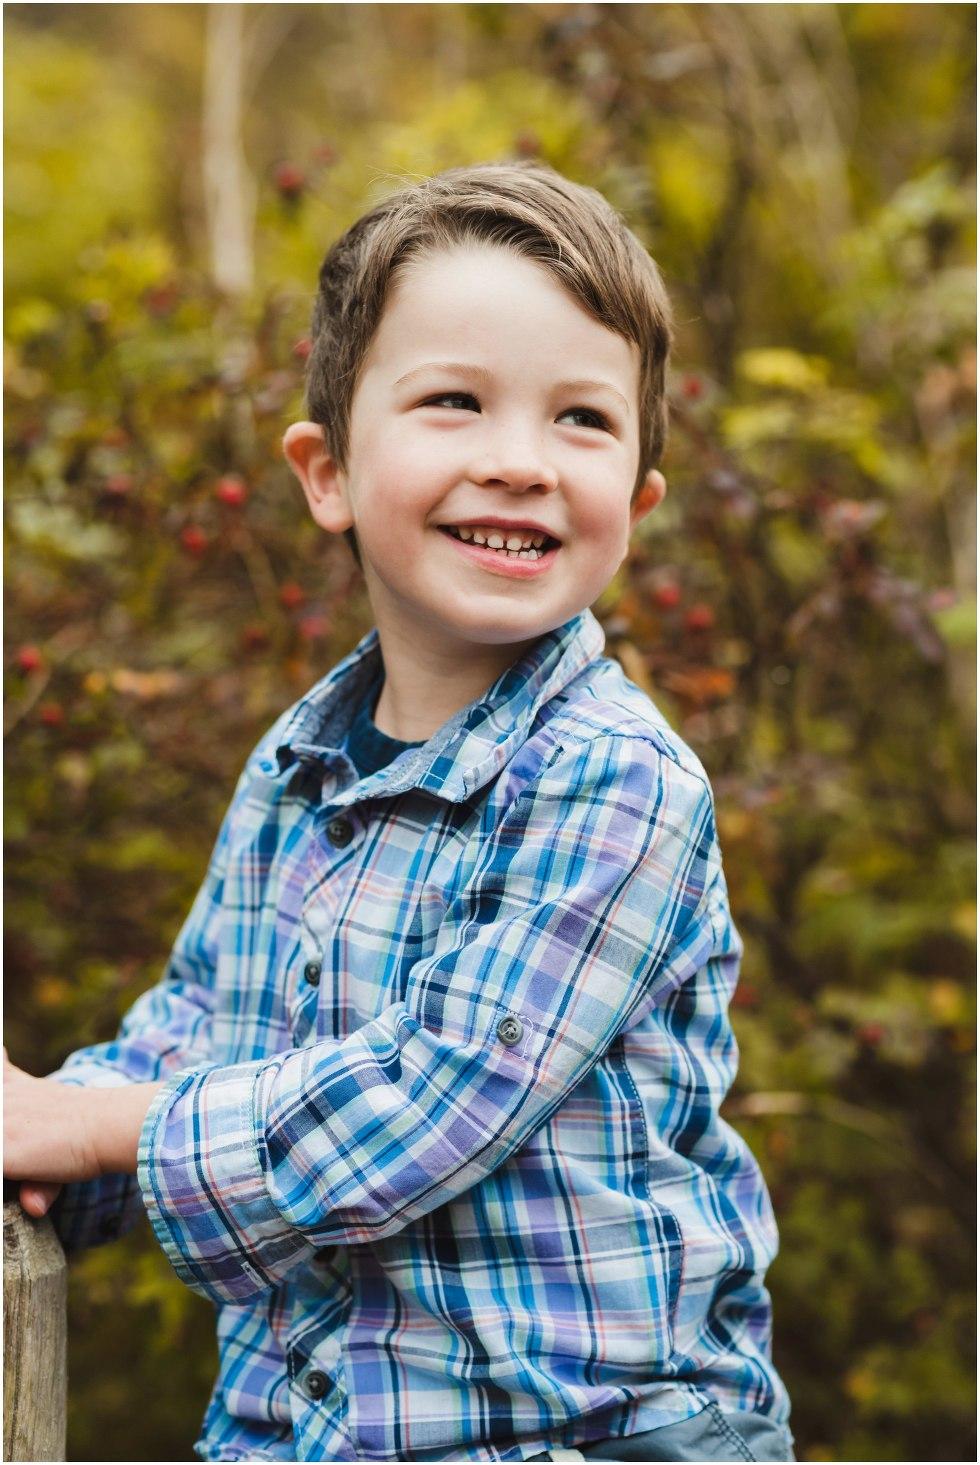 Toronto family photos, gillian foster photography